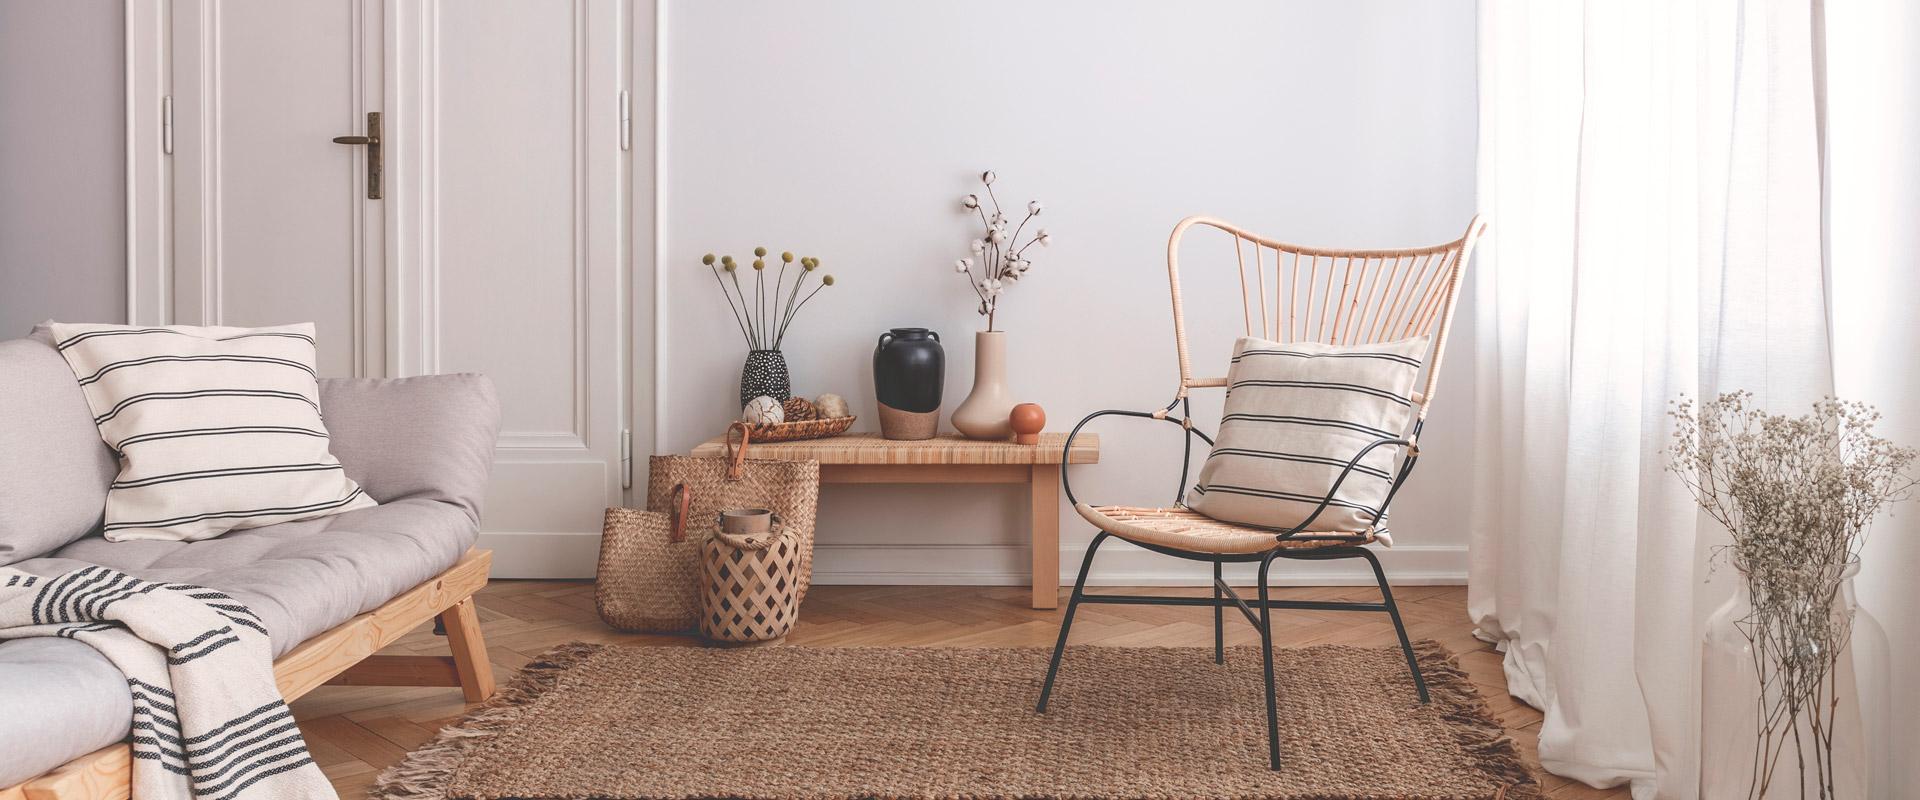 Decoração de interiores: 5 Truques para fazer a casa parecer maior